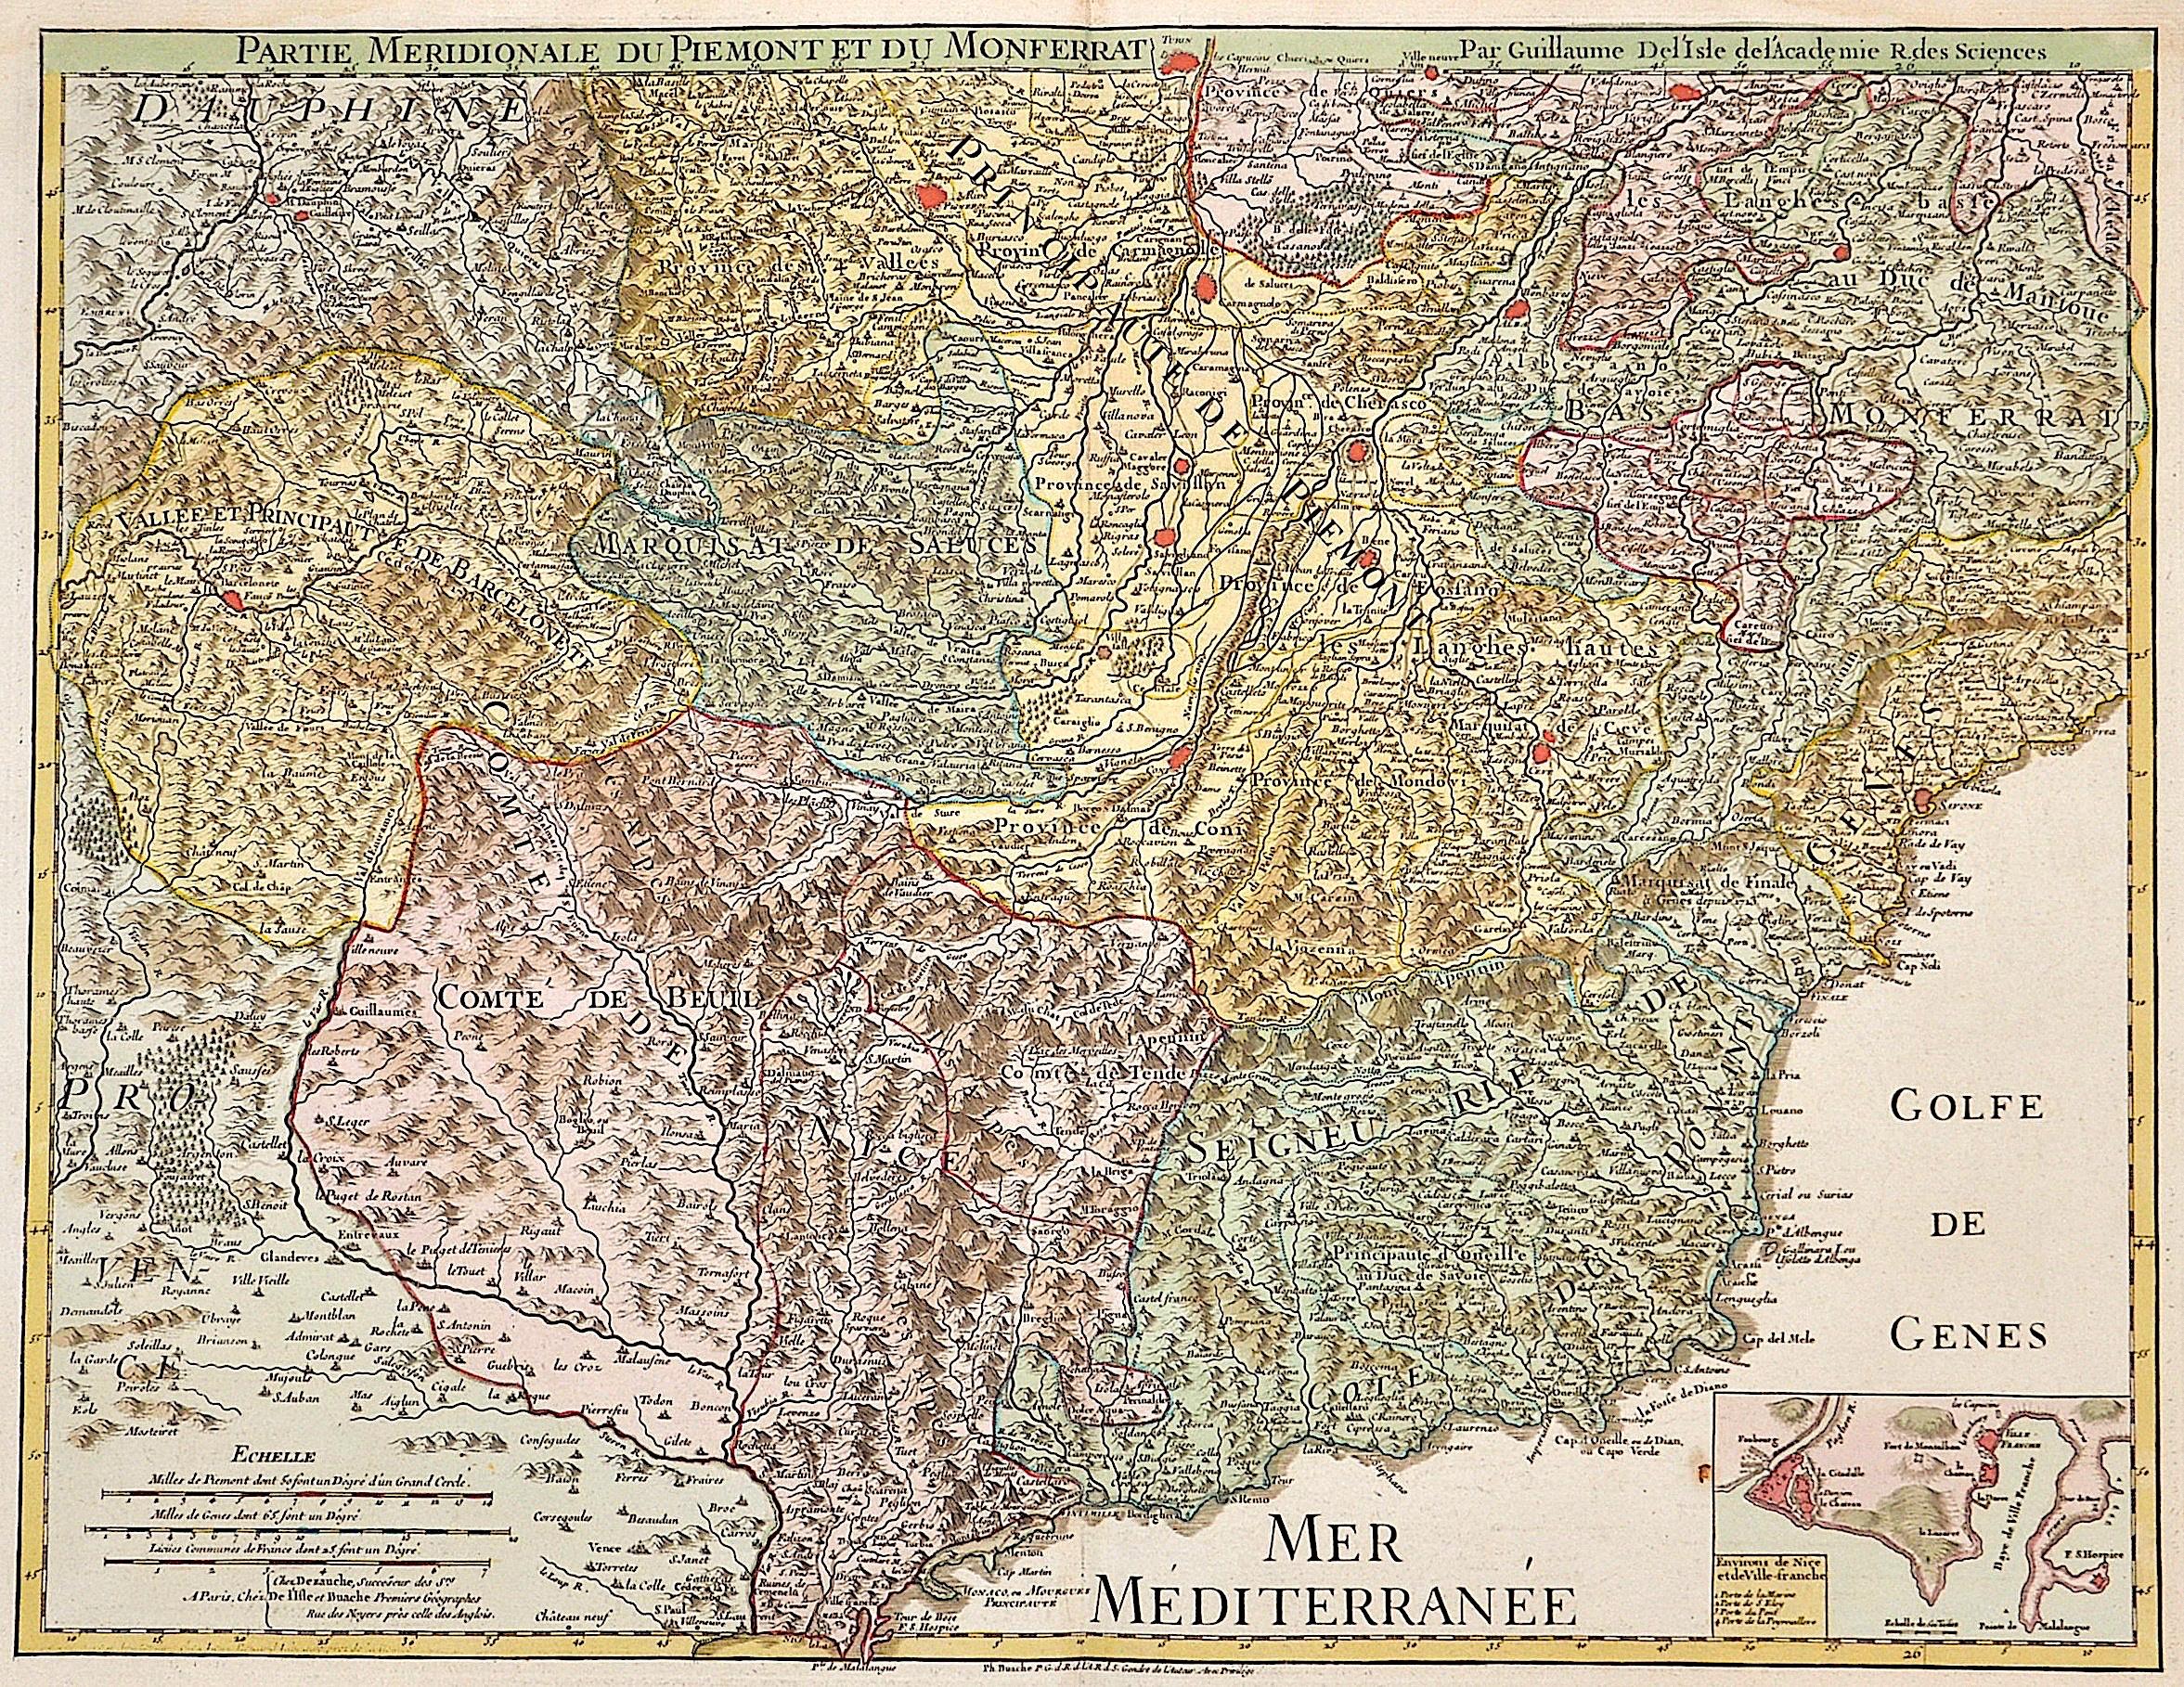 Dezauche/de l´Isle, J.A. / Guillaume Partie meridionale du Piemont du Monferrat par Guillaume de L´Isle de l´Academie R. des Siences